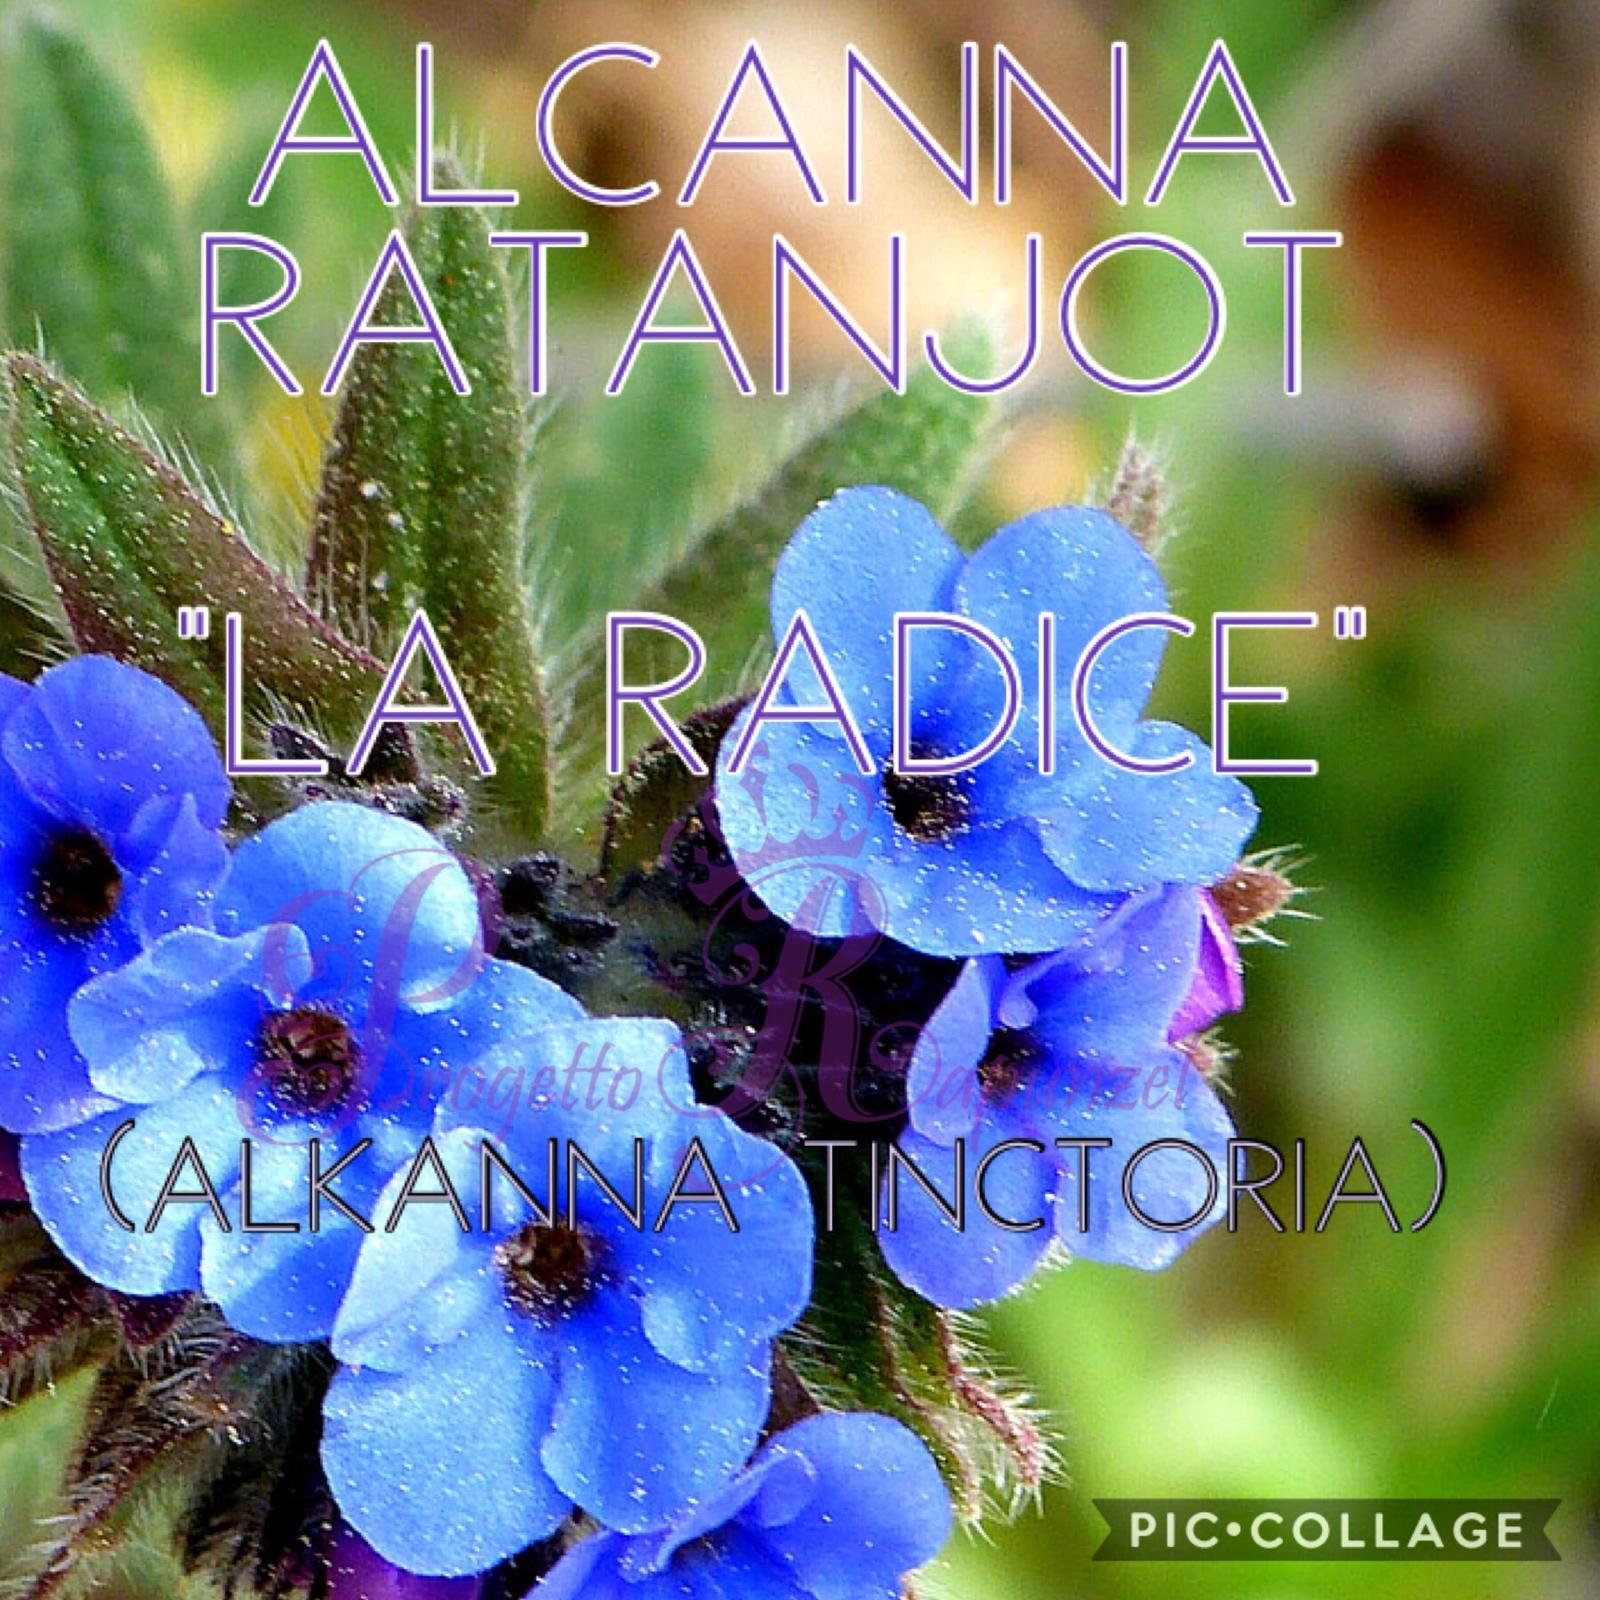 """ALCANNA – RATANJOT """" LA RADICE"""""""